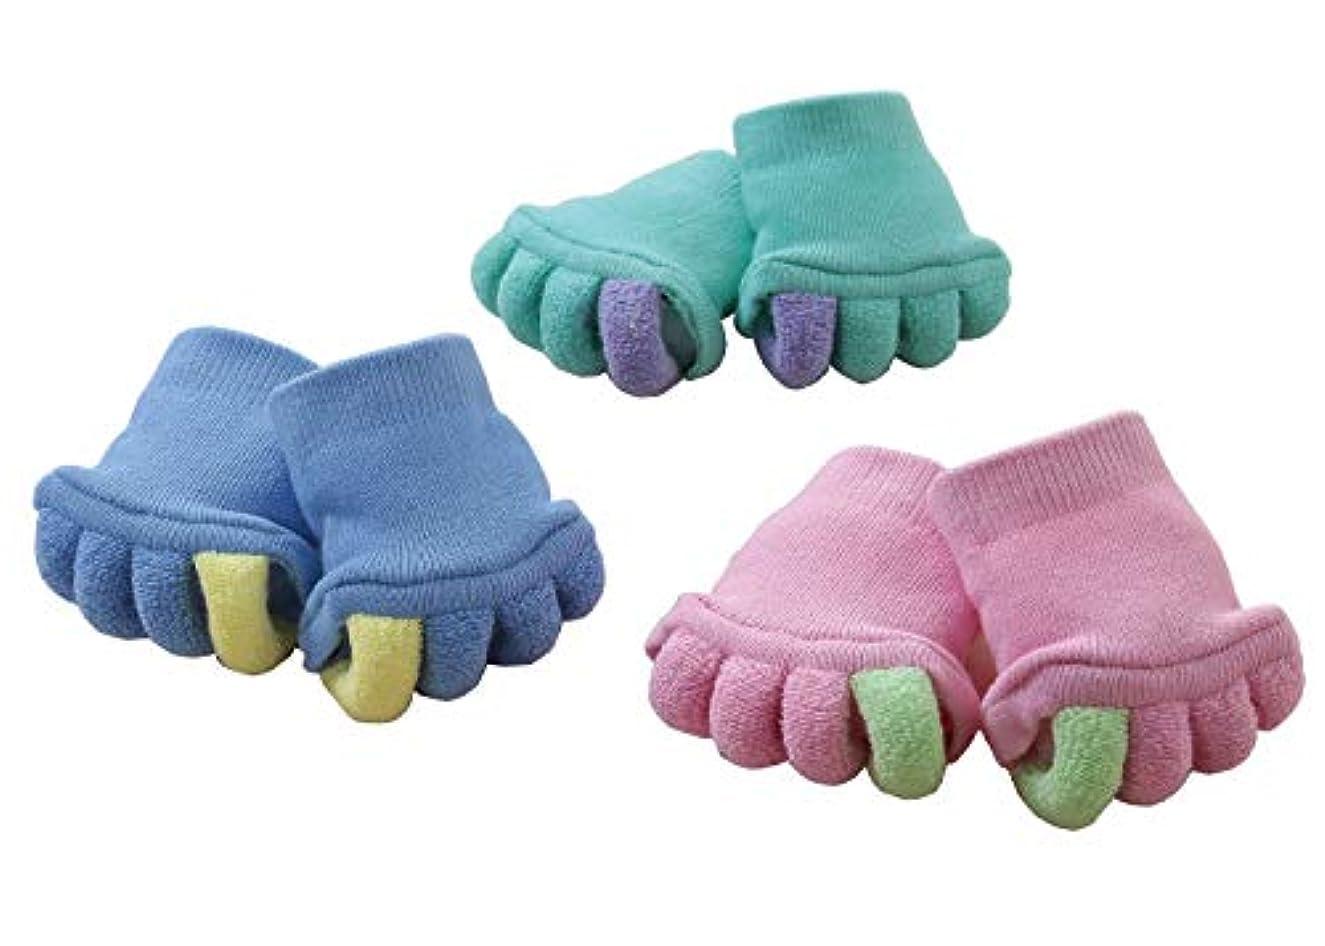 キャンドル仲介者圧縮する足指をストレッチ ふわふわ足指カバー 3色組